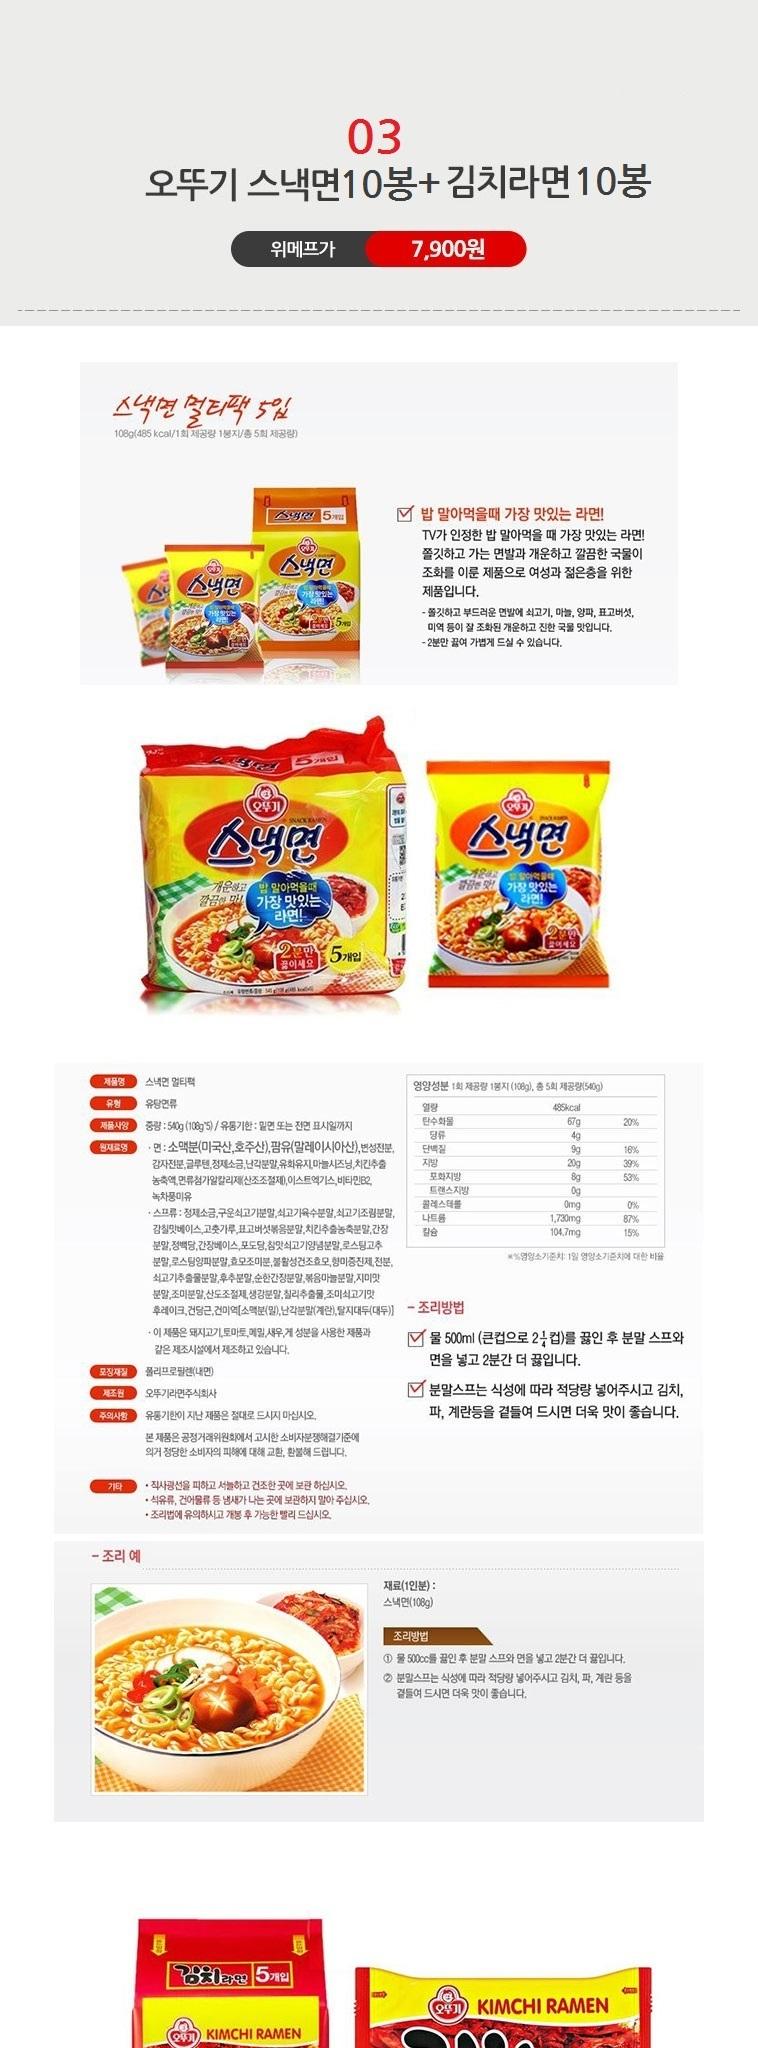 [명예의전당] 스낵면/ 김치라면 20봉 - 상세정보